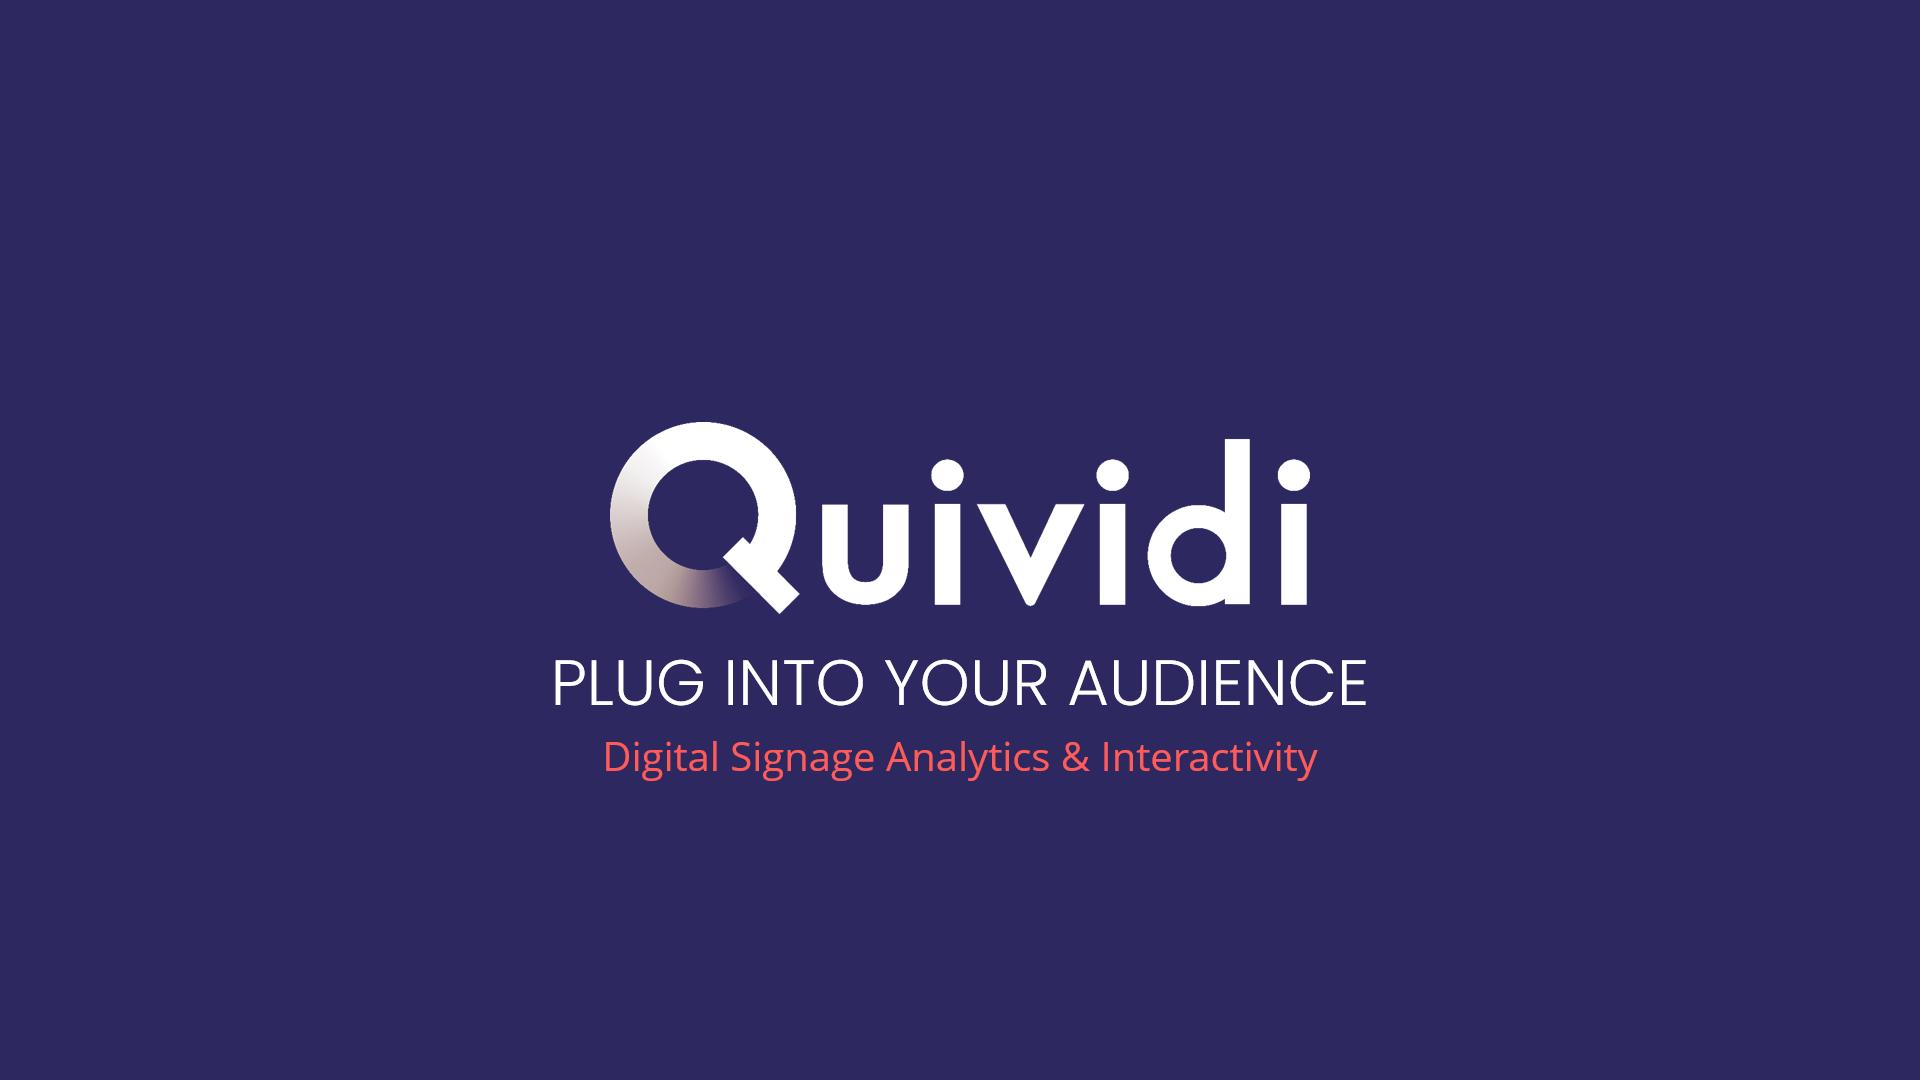 quividi_landing